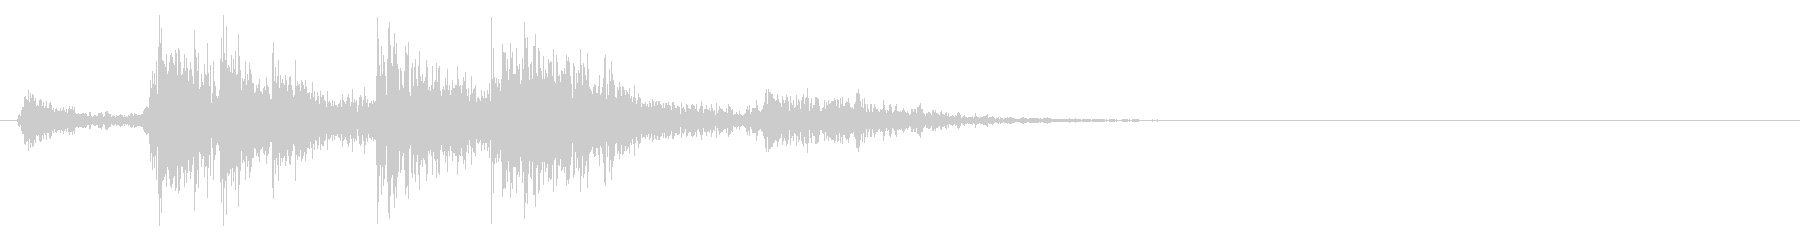 ガタガタン(木材などの倒れる音)の未再生の波形